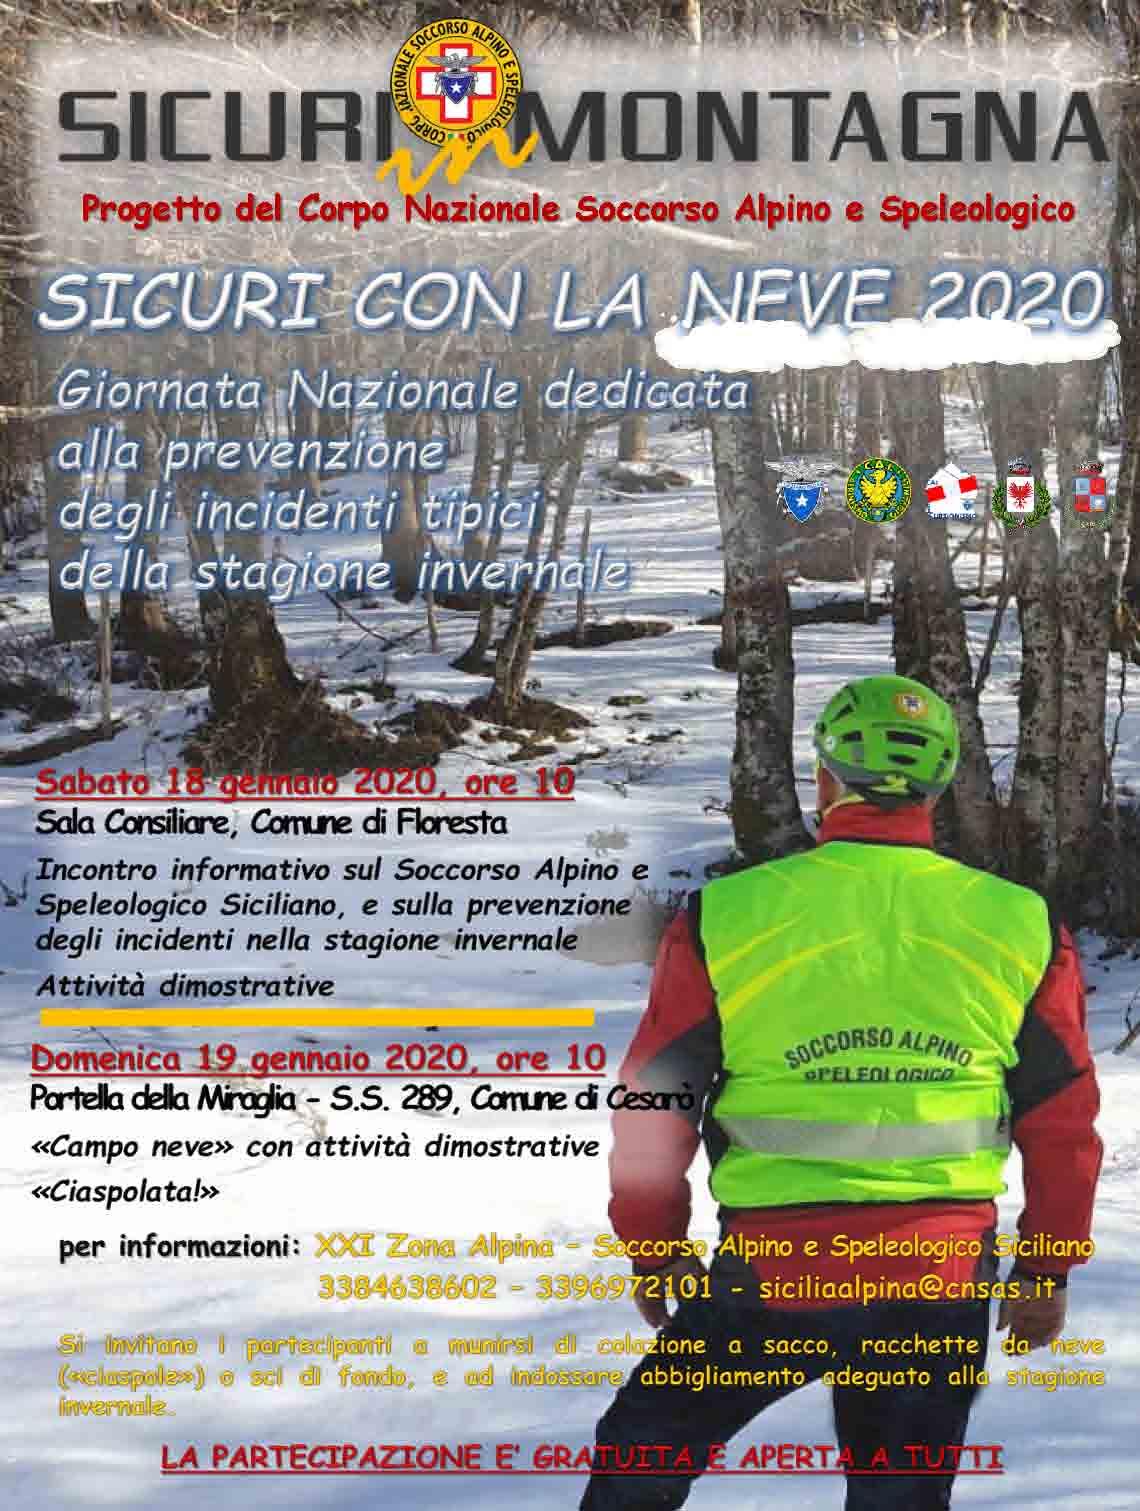 LOCANDINA-SICURI-CON-LA-NEVE-2020-DEFINITIVA